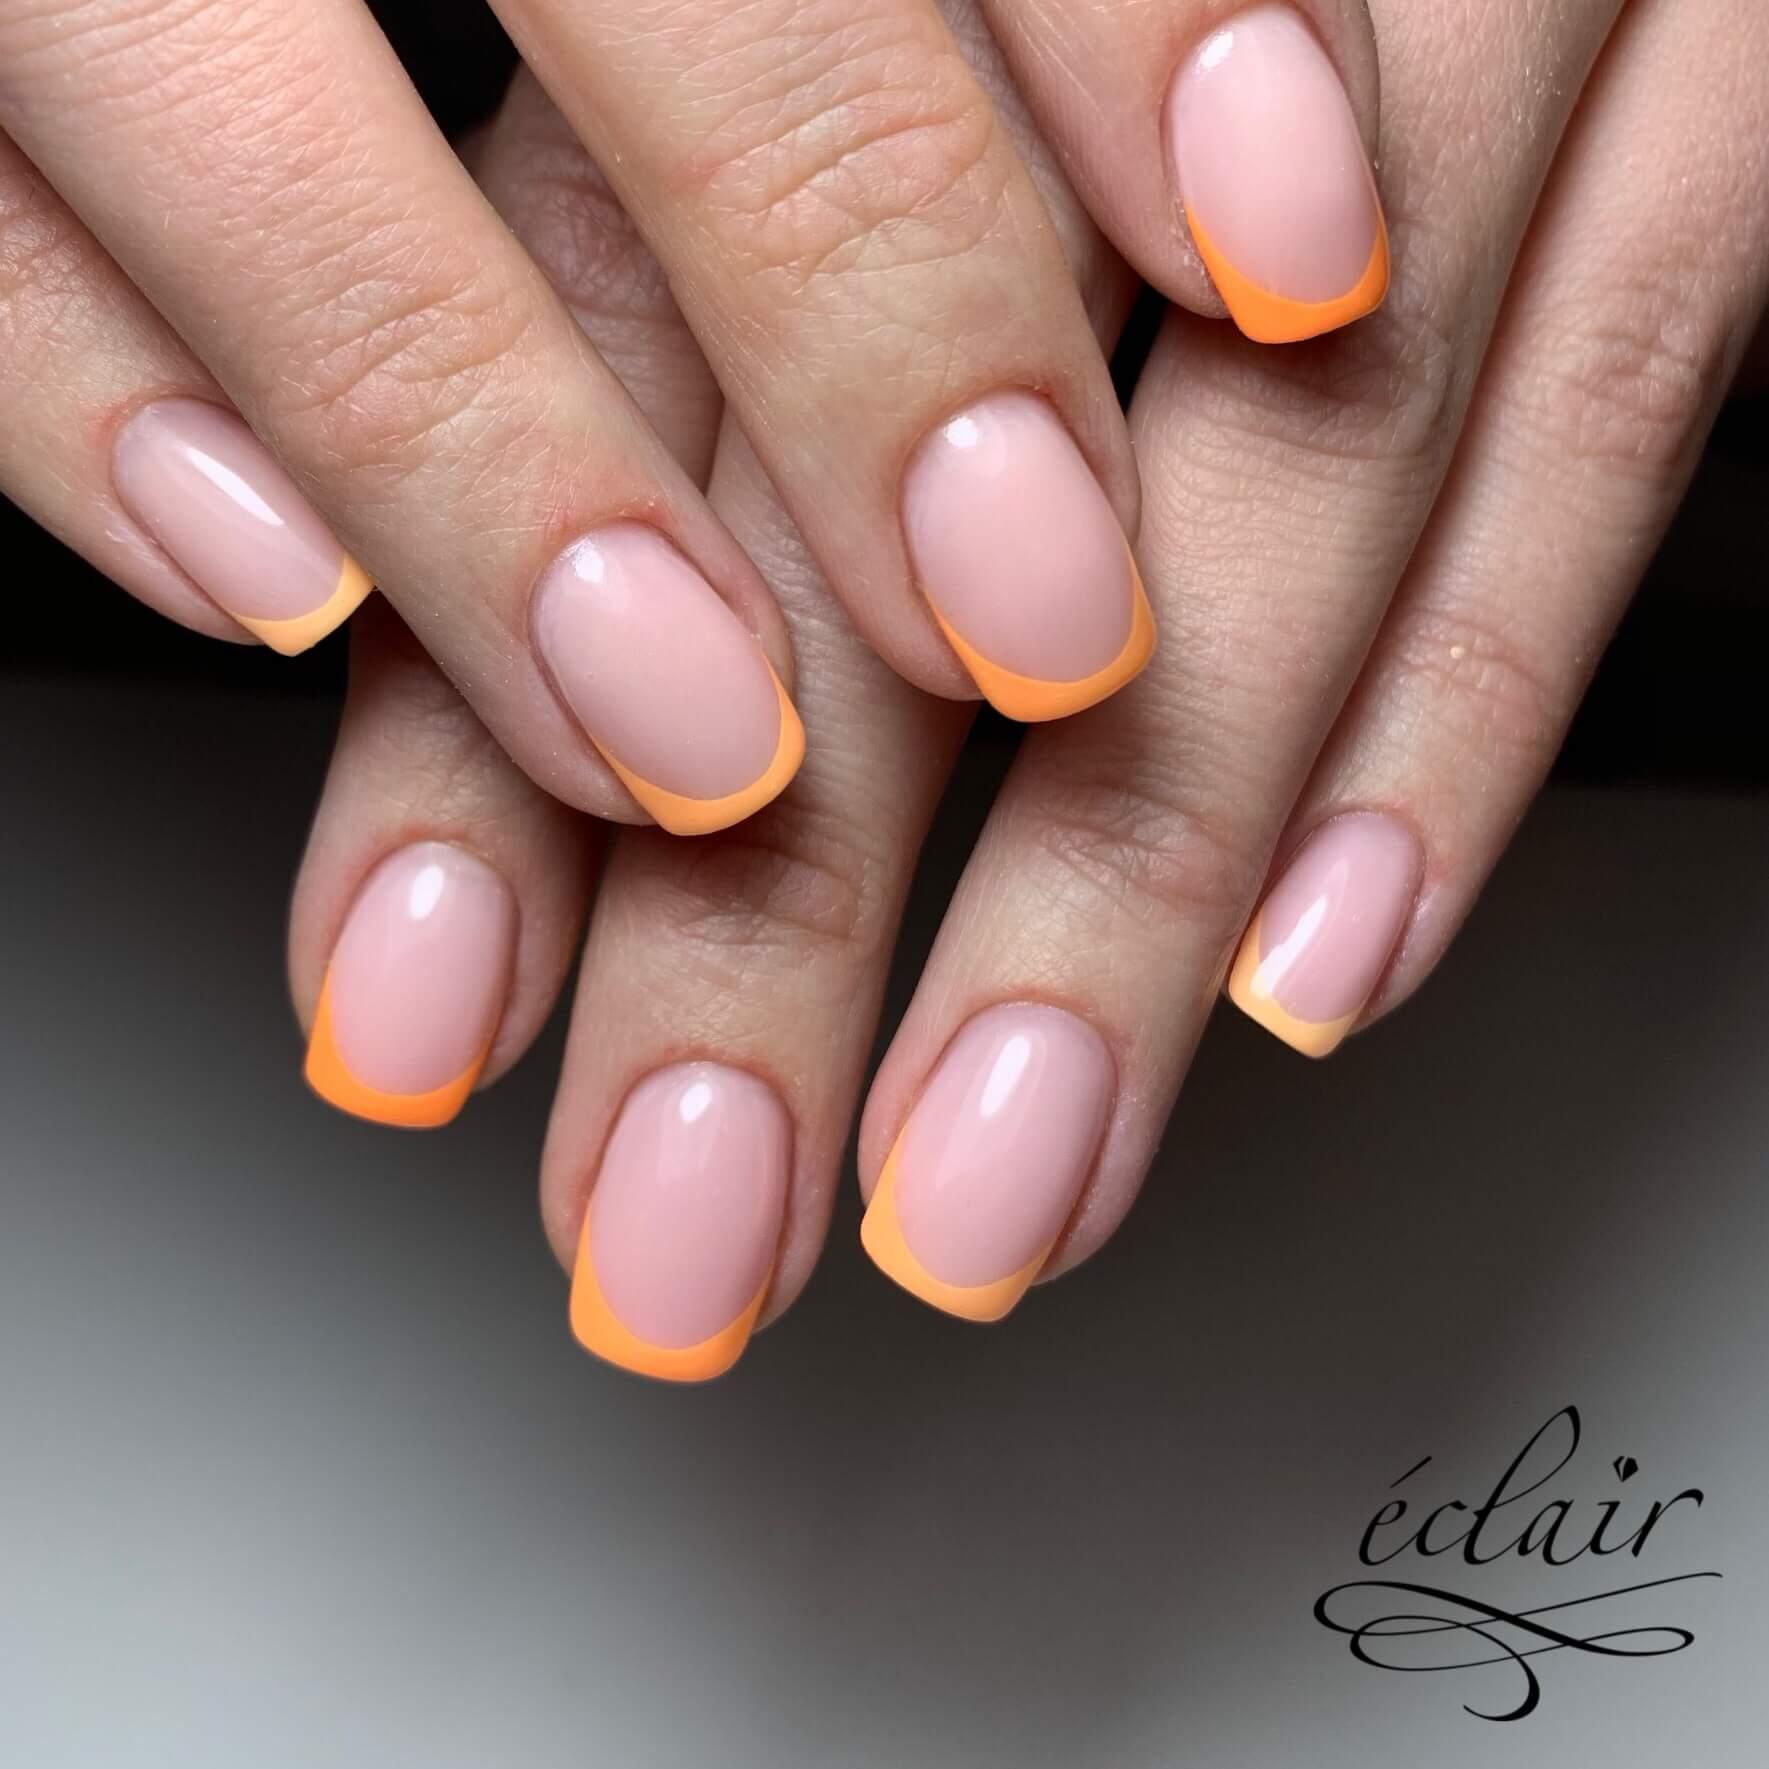 stylizacja paznokci Eclair Poznan